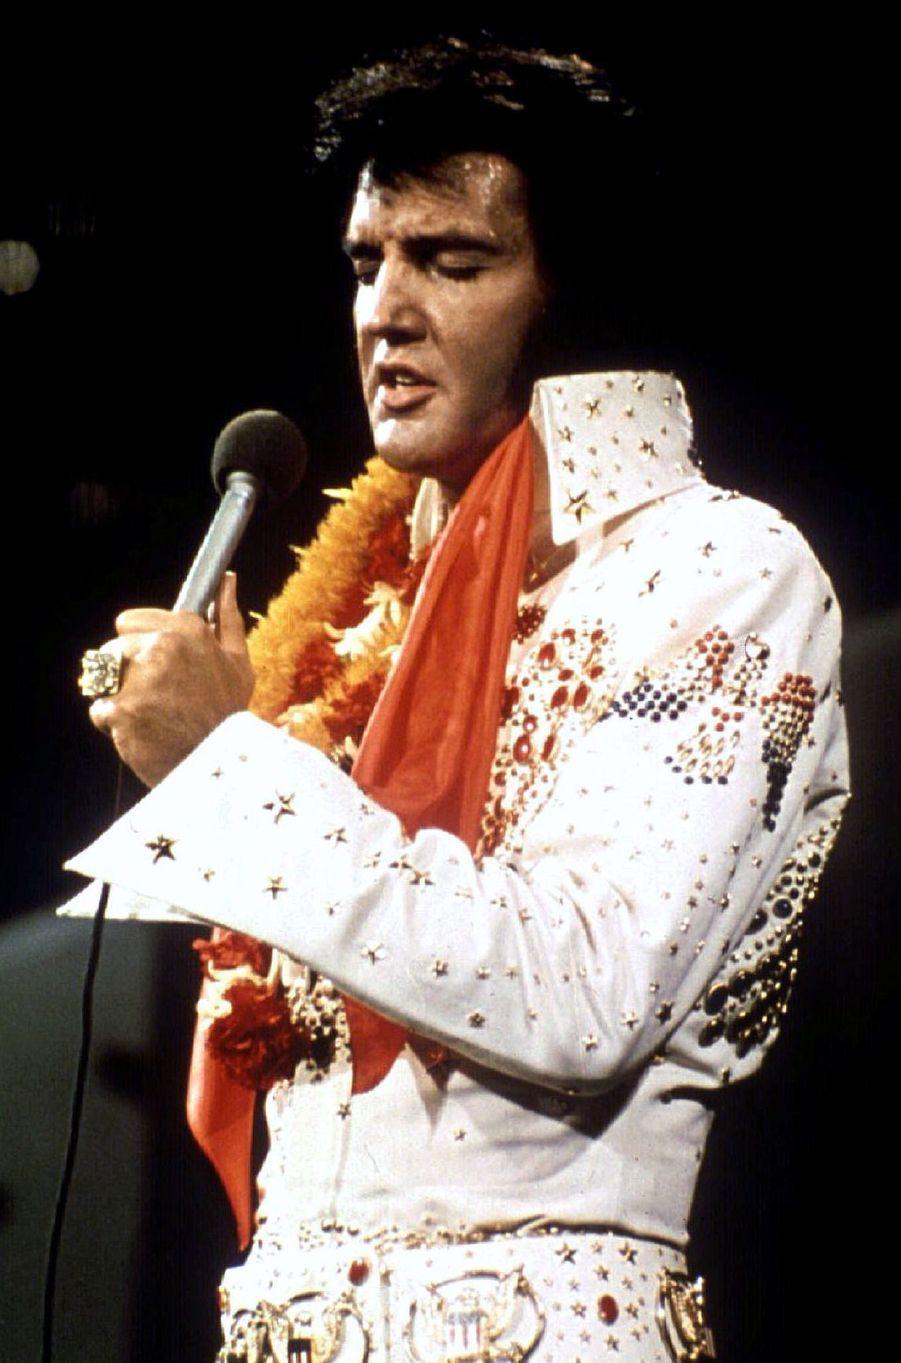 Elvis Presley, 55 millions de dollars